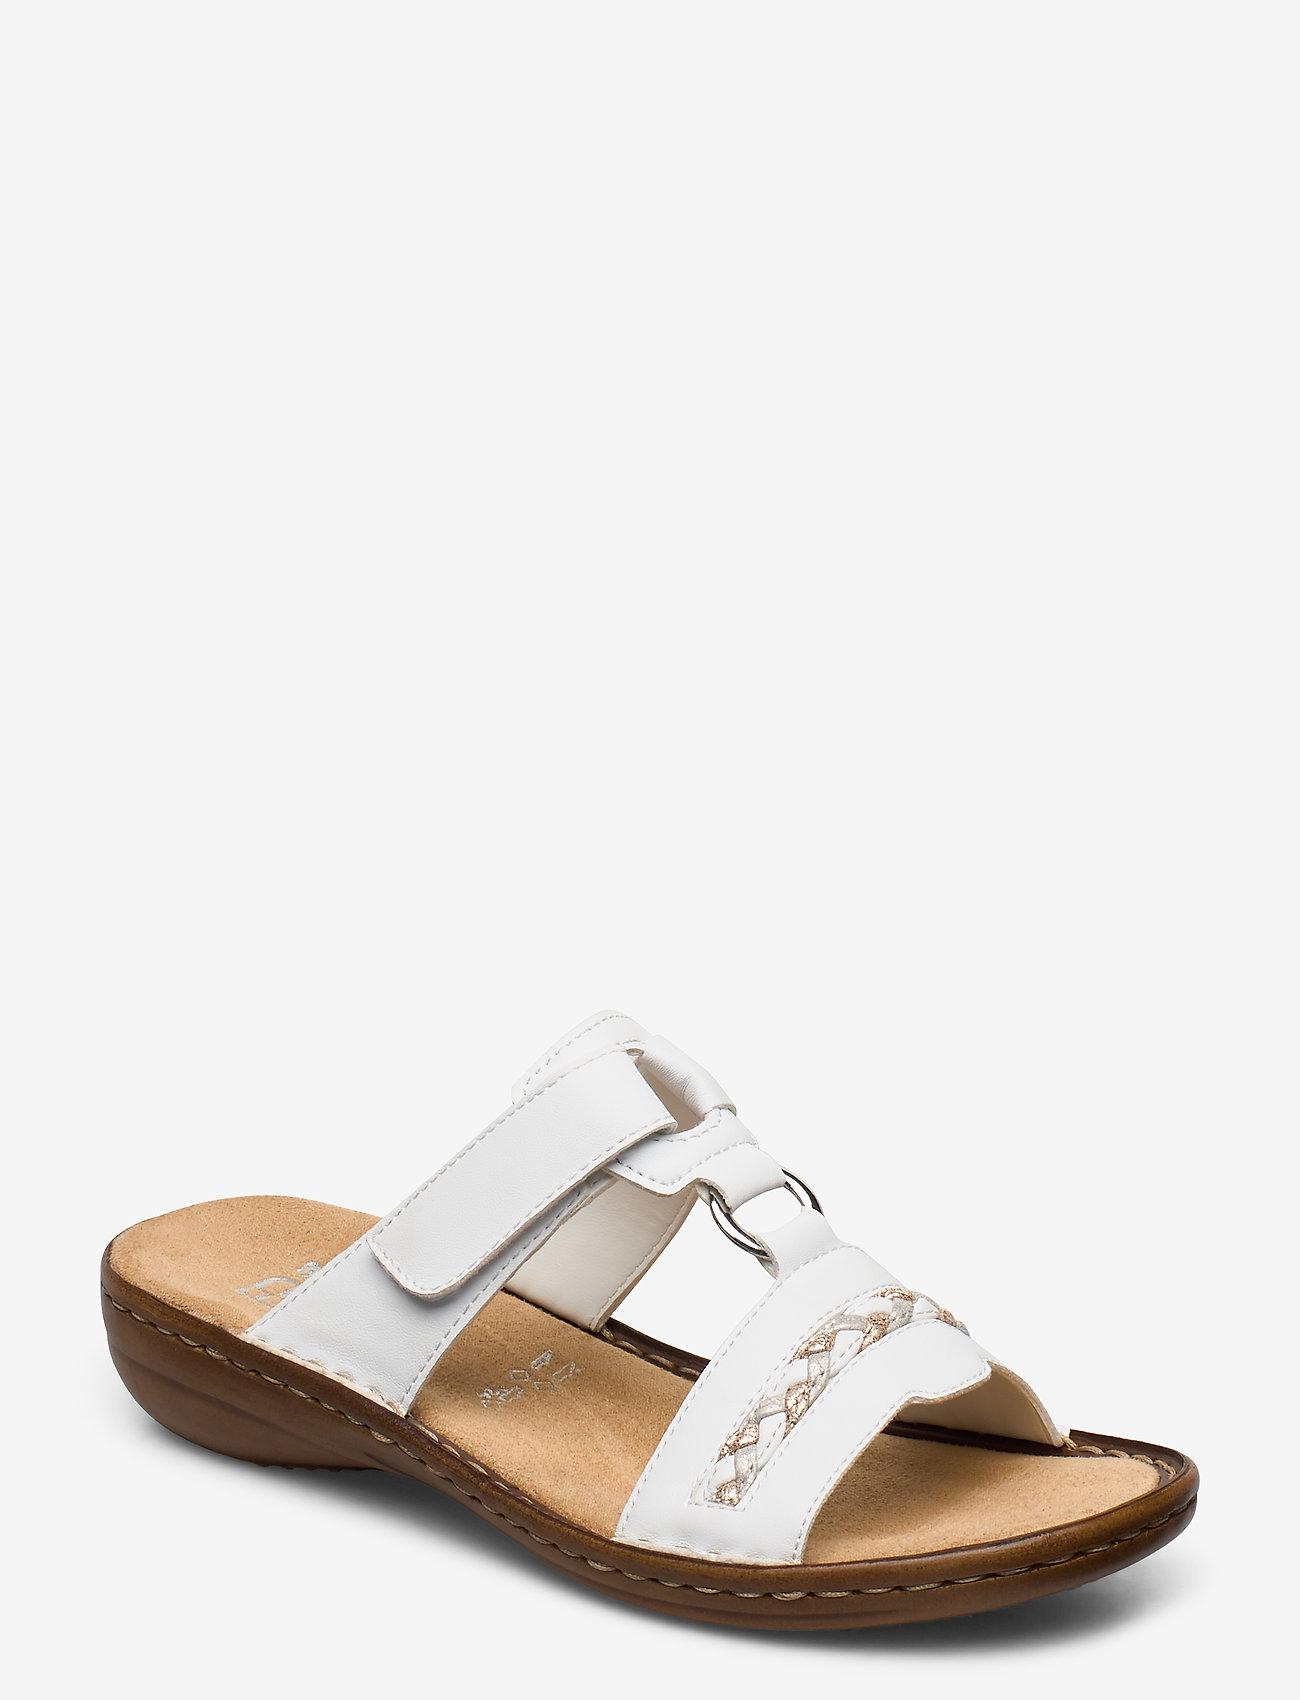 Rieker - 60888-00 - flat sandals - weiss